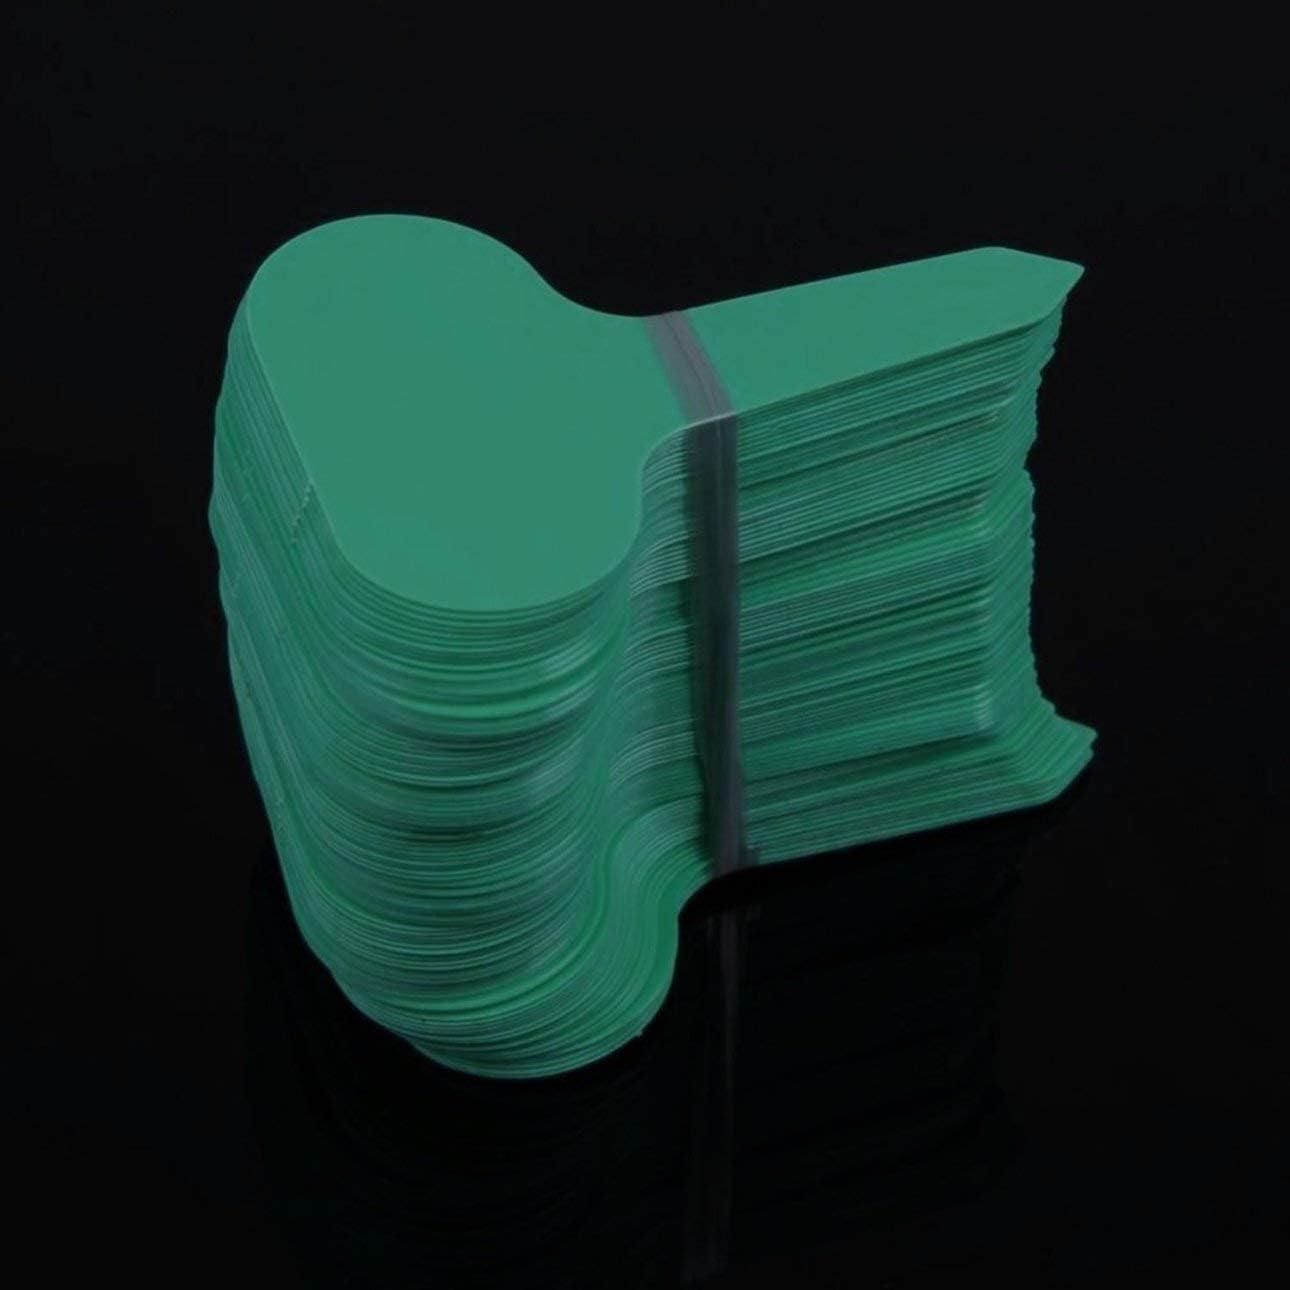 Ba30DEllylelly 100 pi/èces en plastique de type T /étiquettes de jardin ornements plante fleur /étiquette p/épini/ère /épaisse /étiquette marqueurs pour plantes d/écoration de jardin